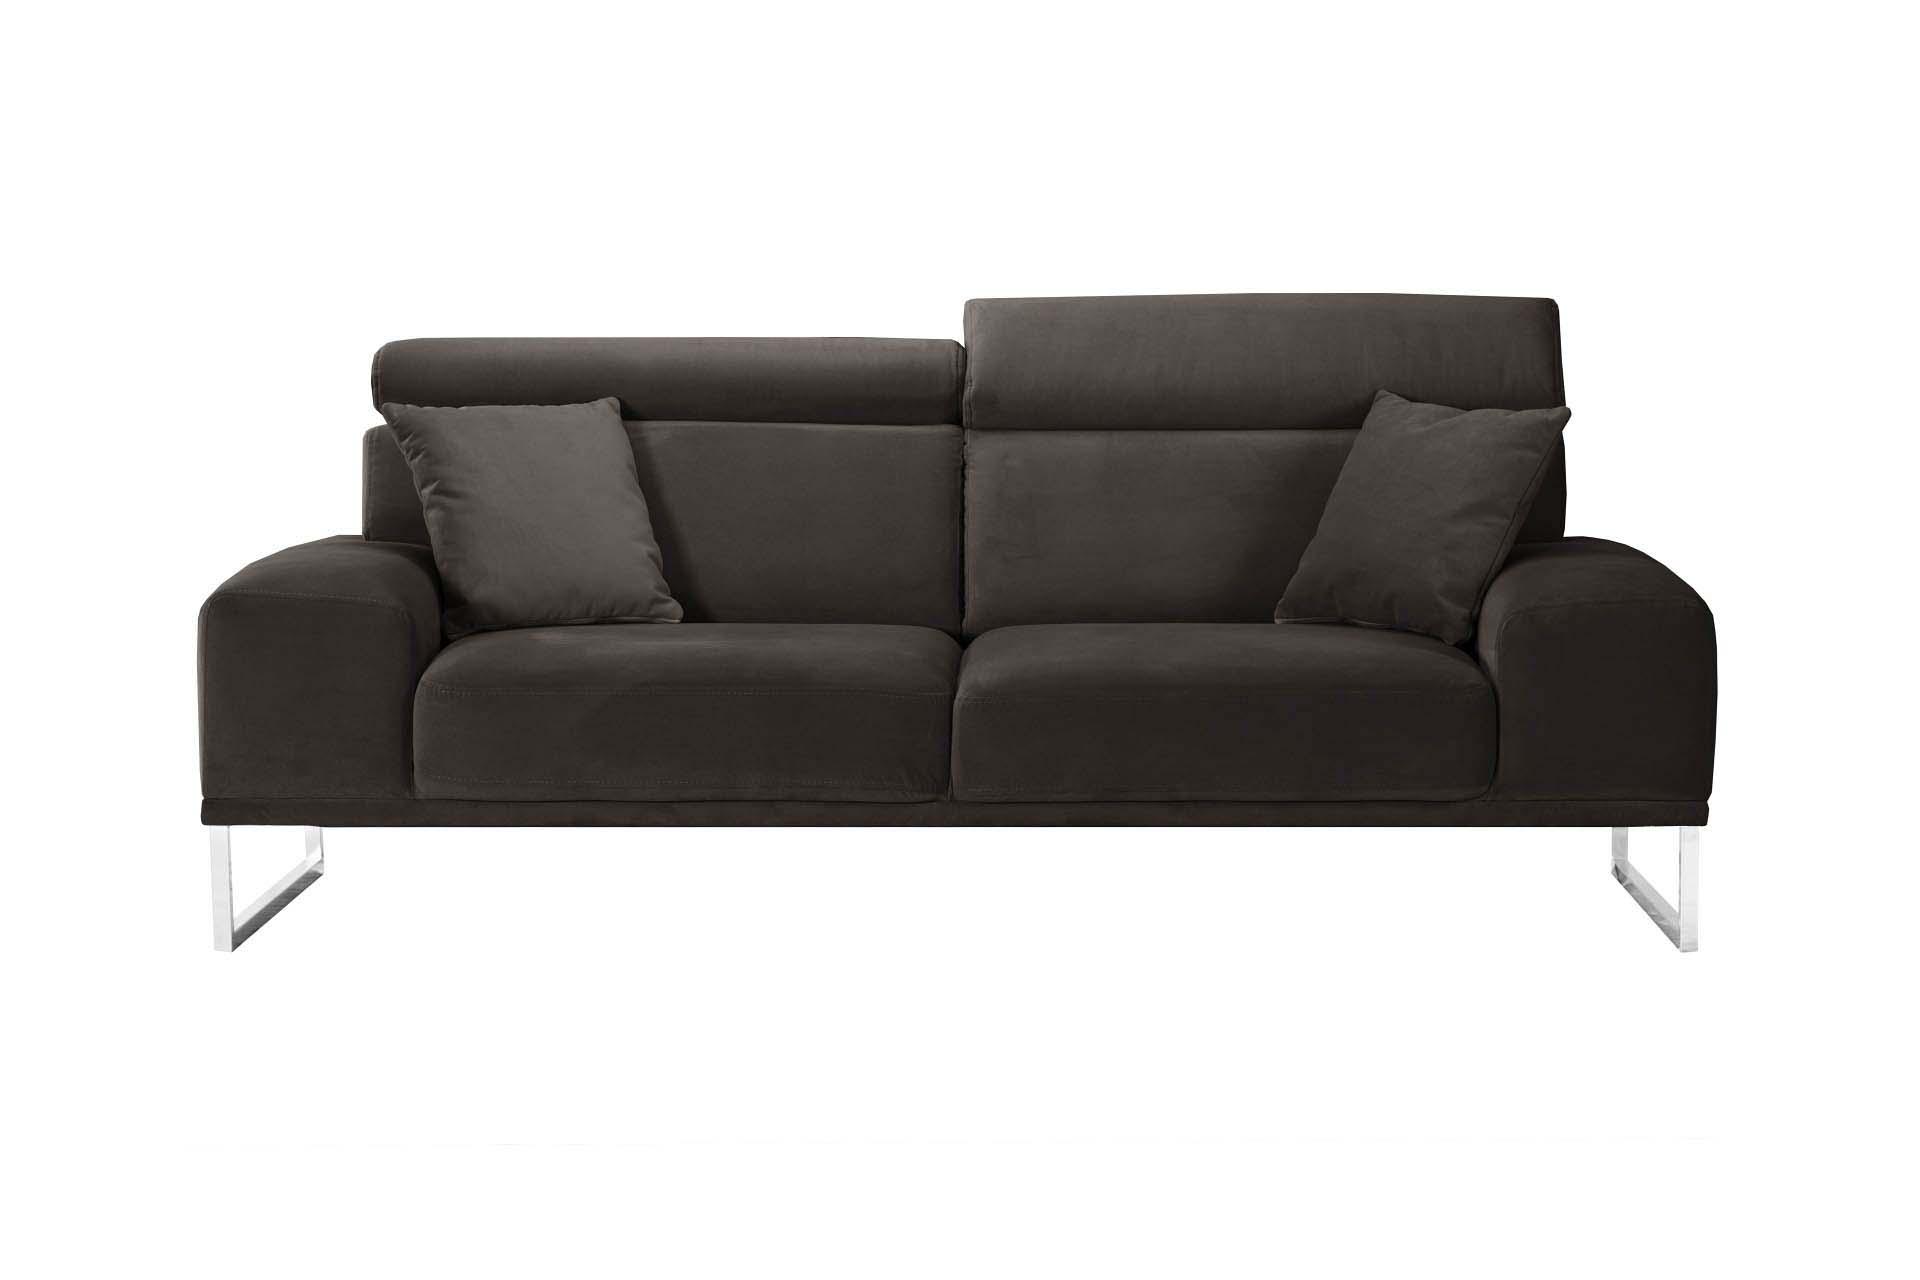 Canapé 3 places en velours marron cendré